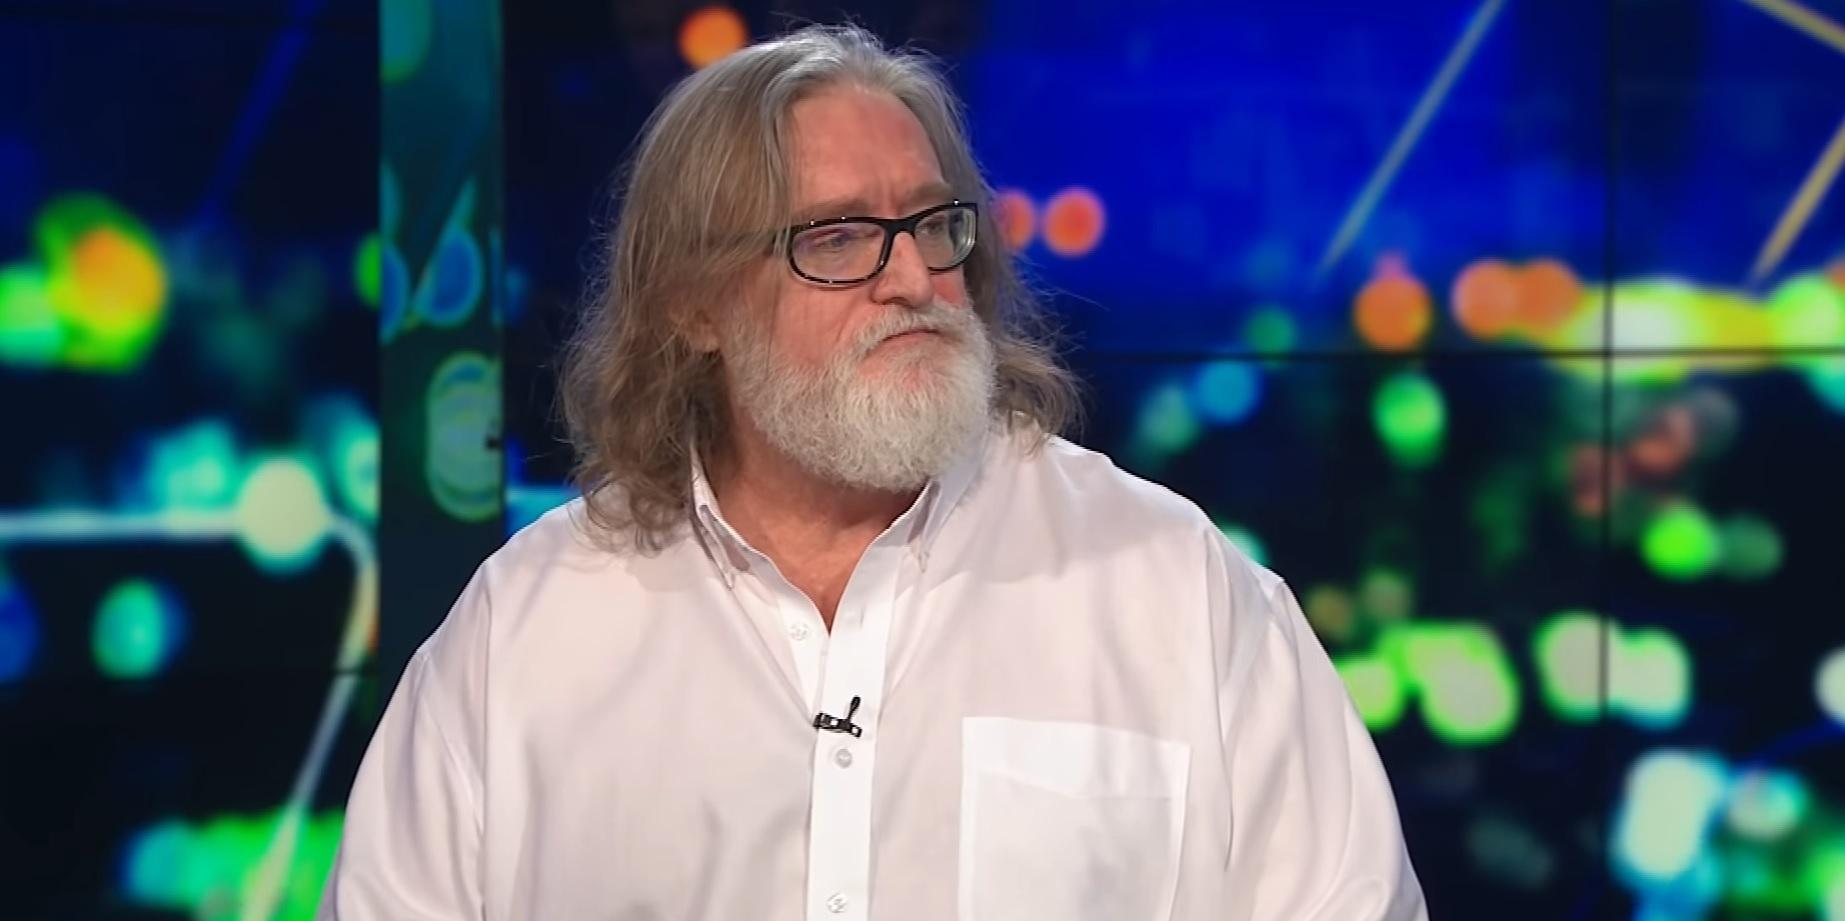 Gabe Newell, szef Valve